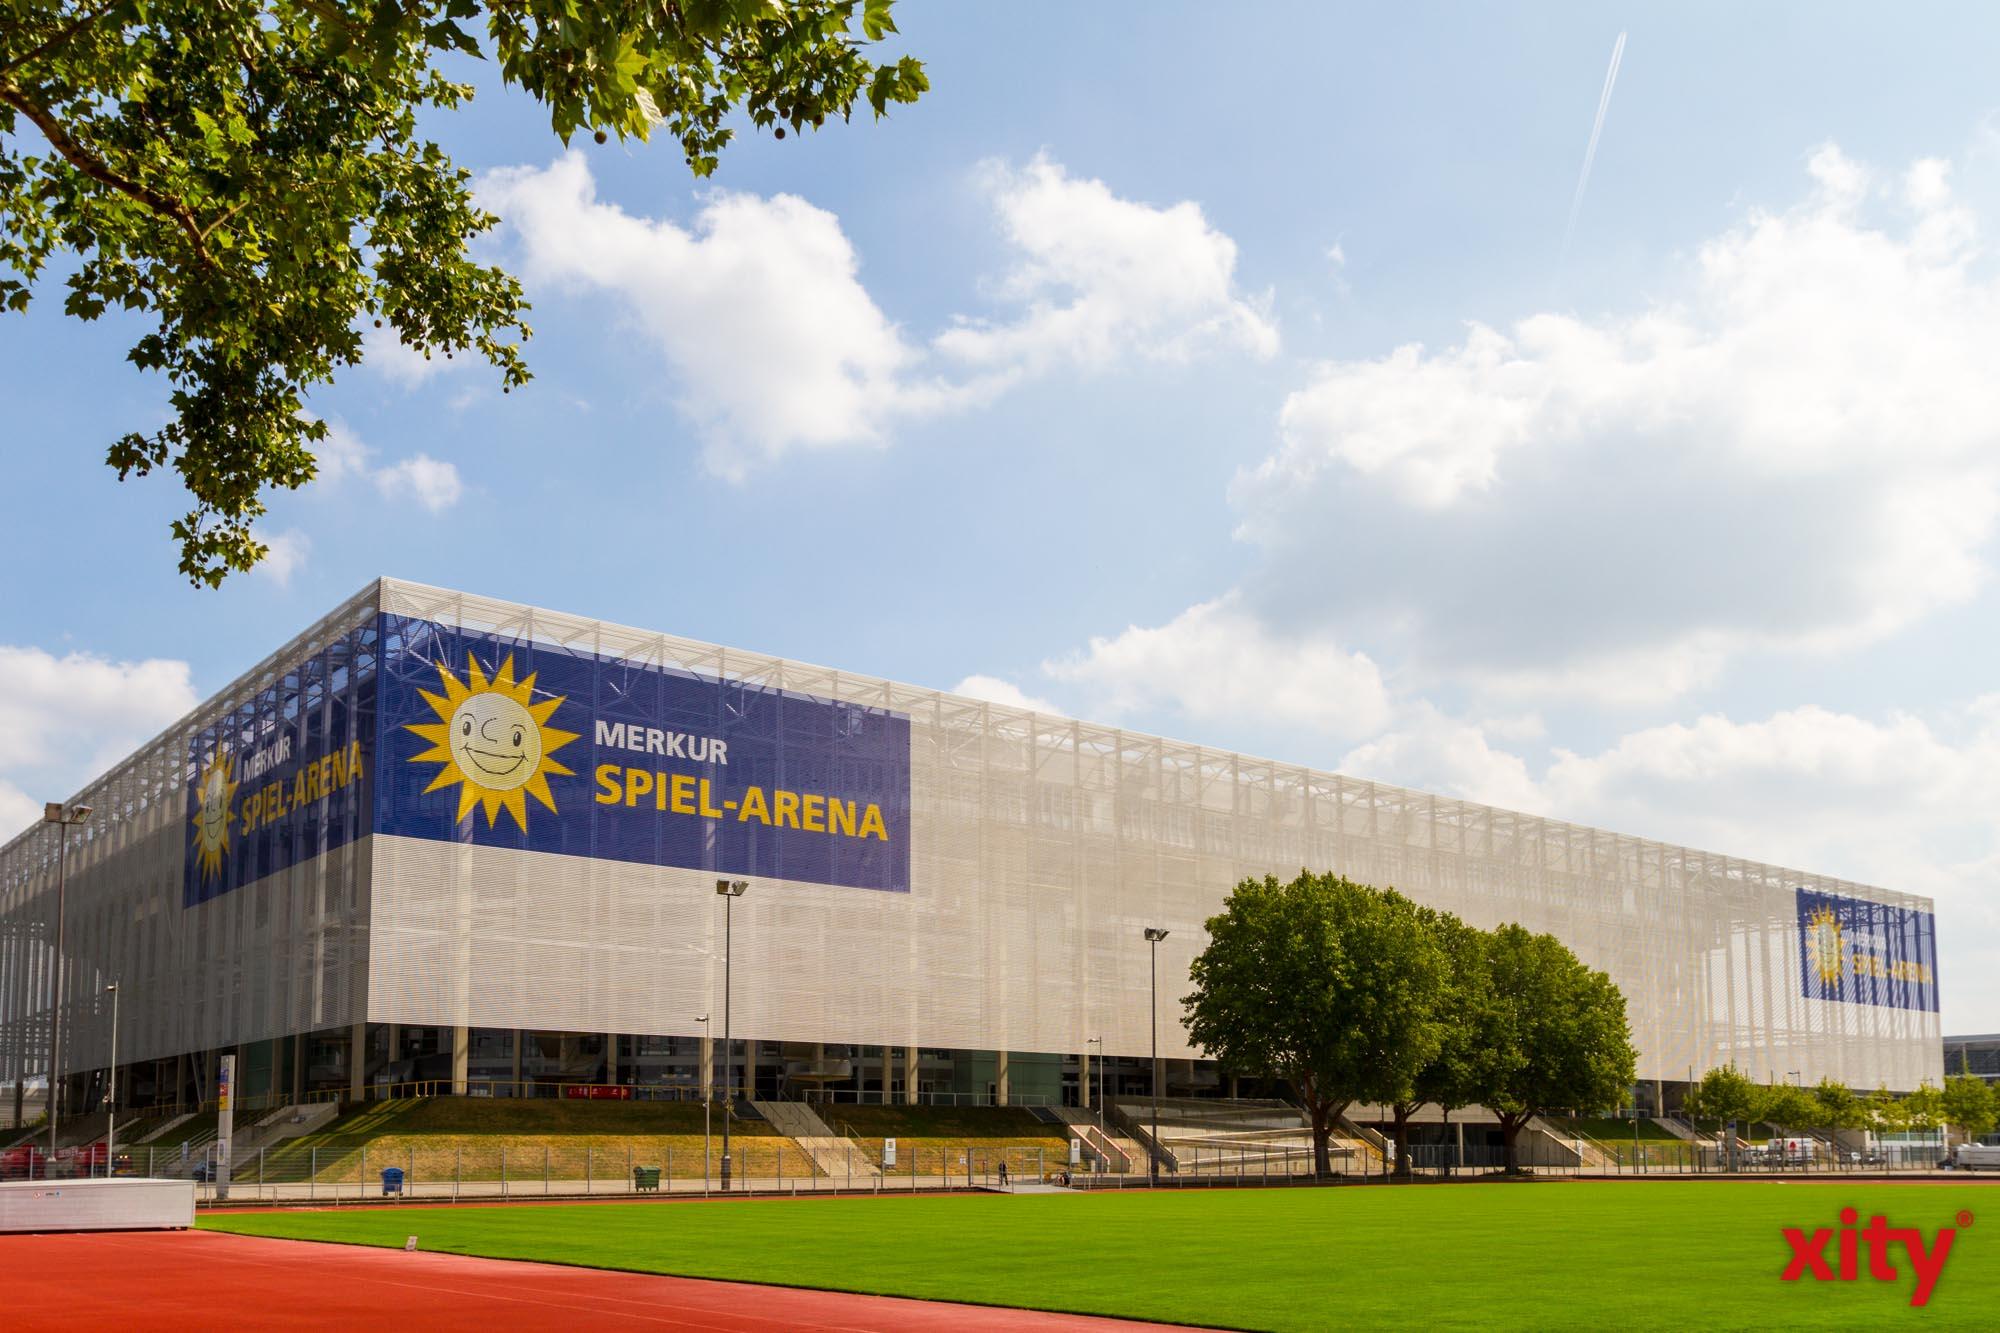 Das Finale der European League of Football findet in der Merkur Spiel-Arena statt (Foto: xity)